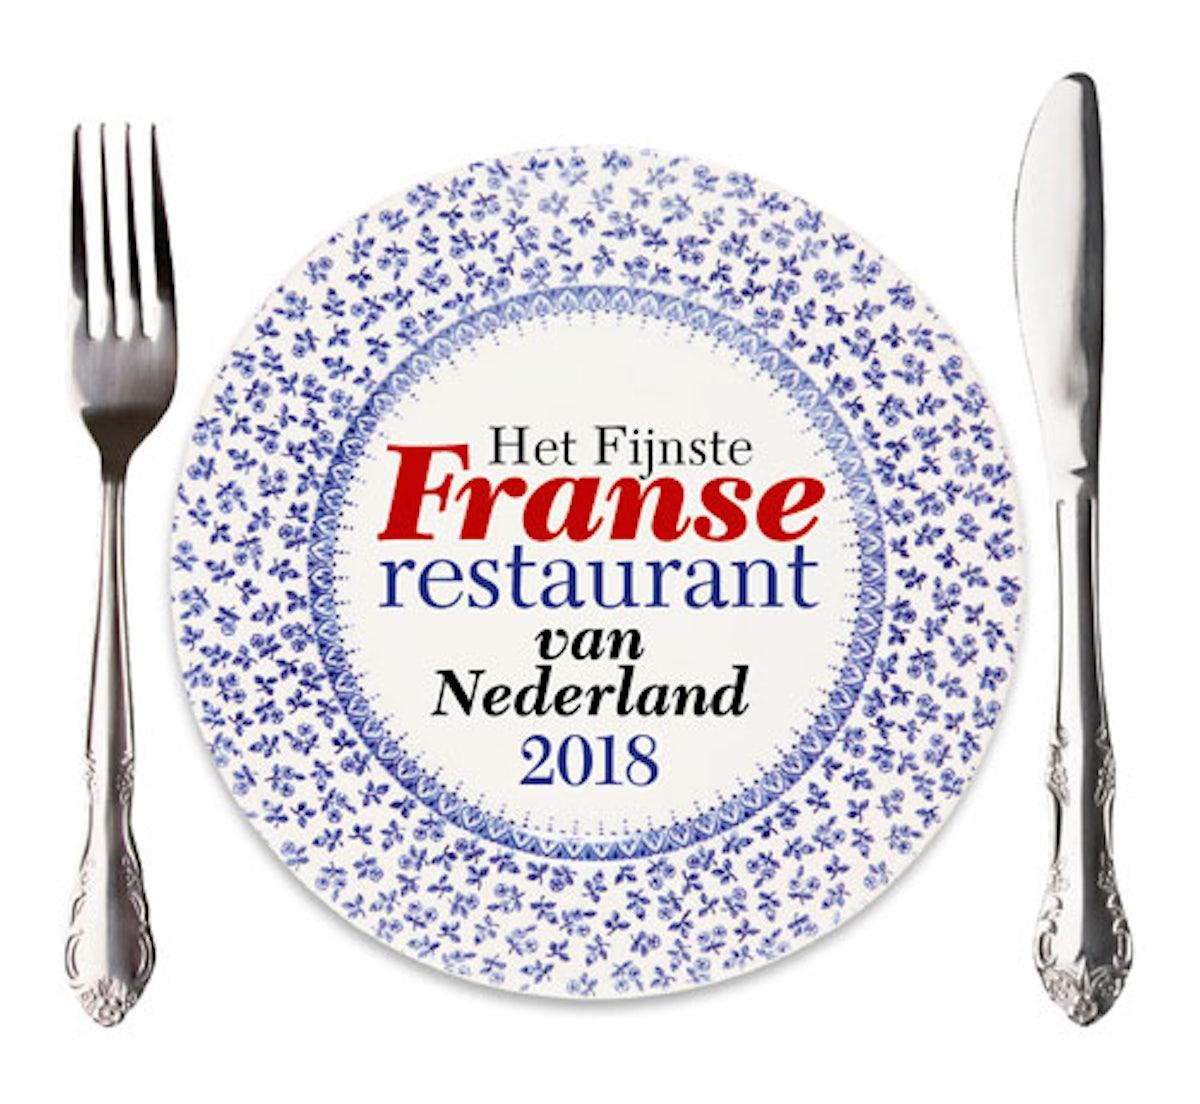 Afbeelding bij Wijnpakket Fijnste Franse Restaurant van Nederland